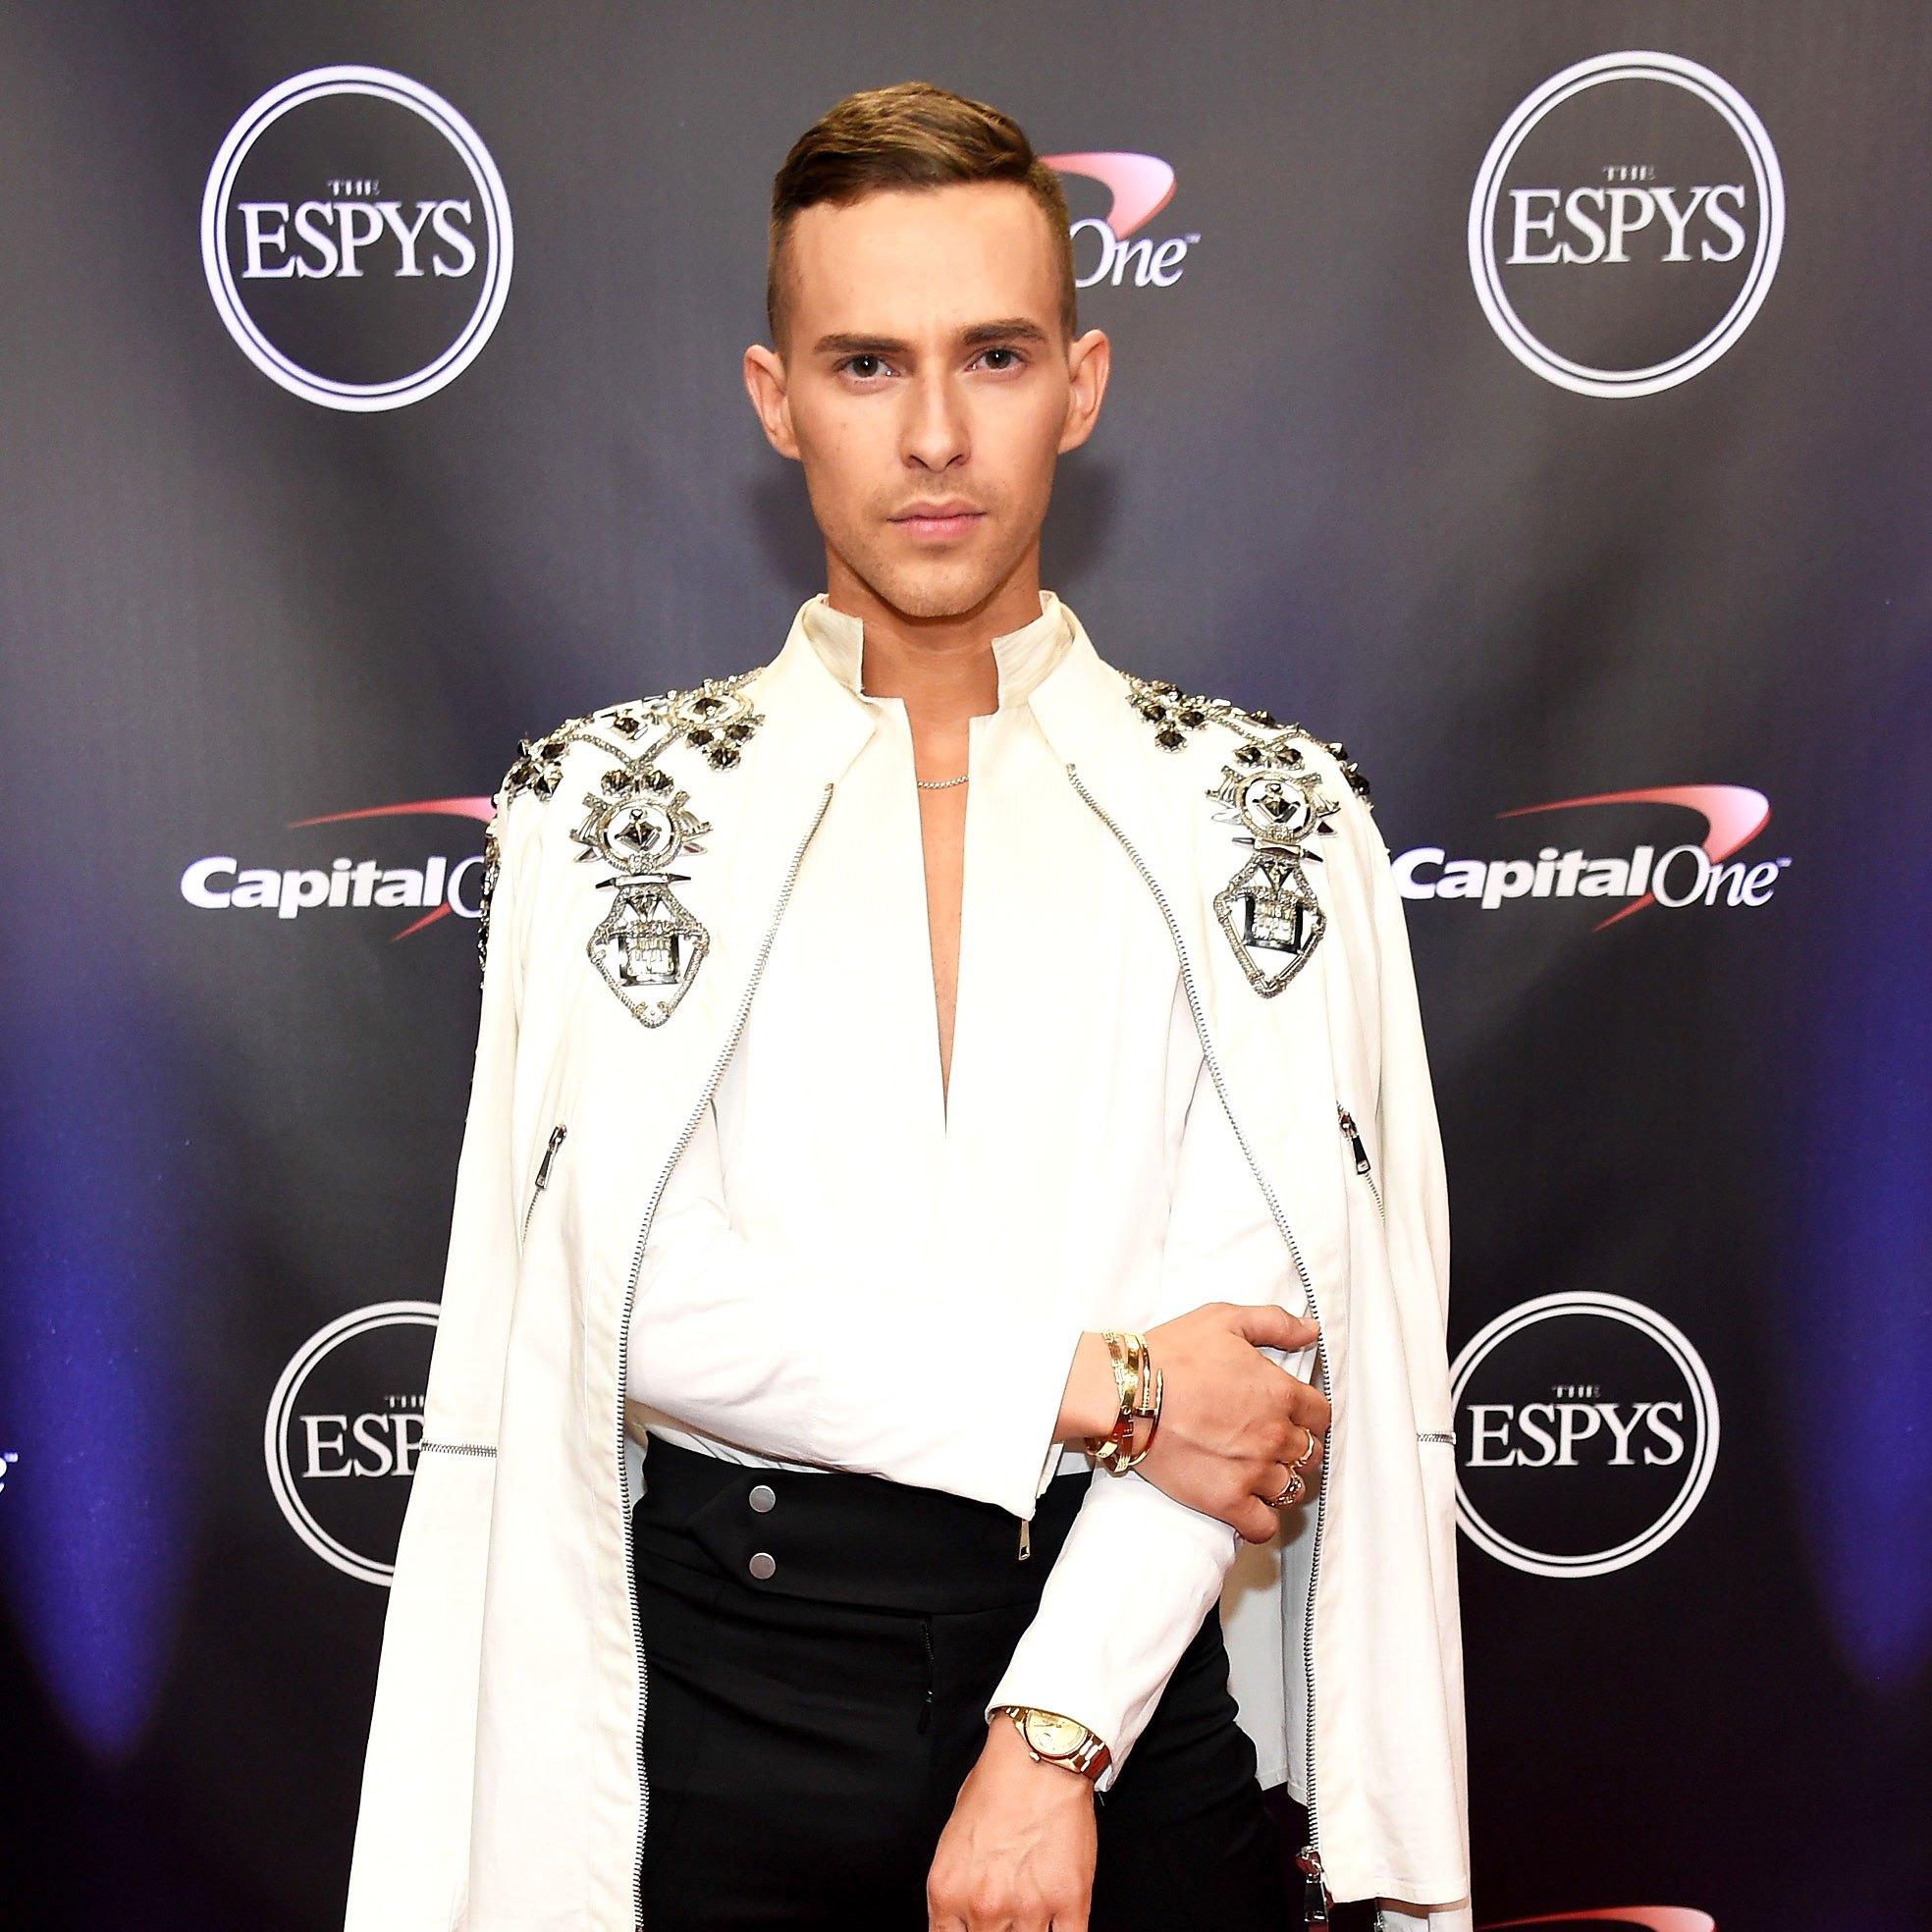 Adam-Rippon-ESPYS